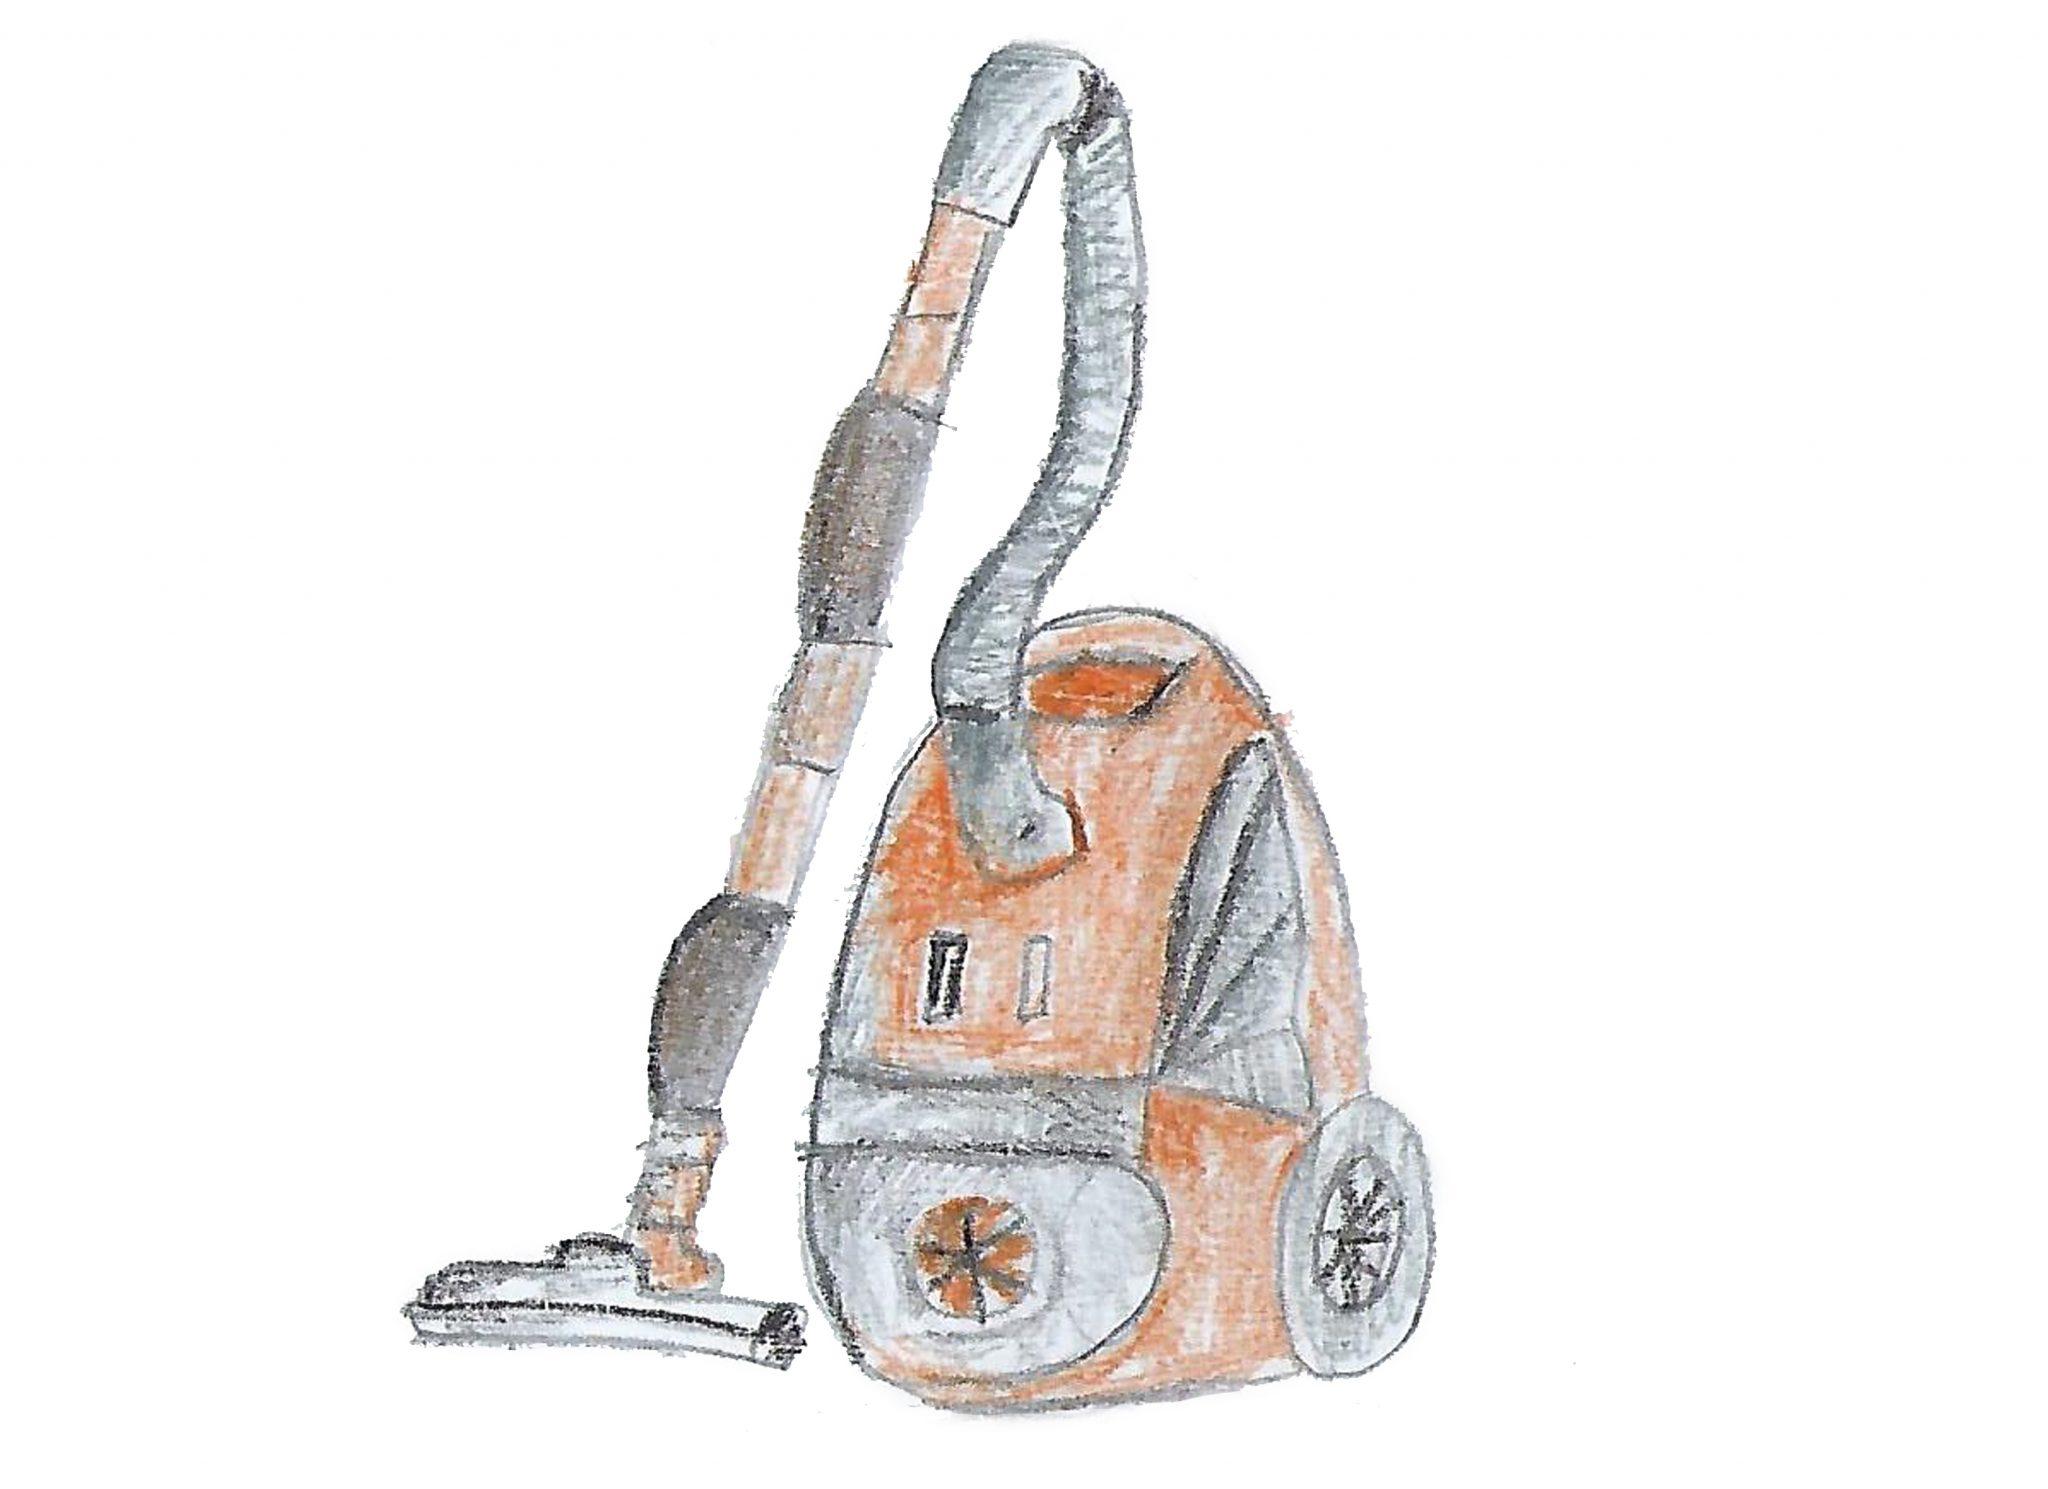 Пылесос — The vacuum cleaner